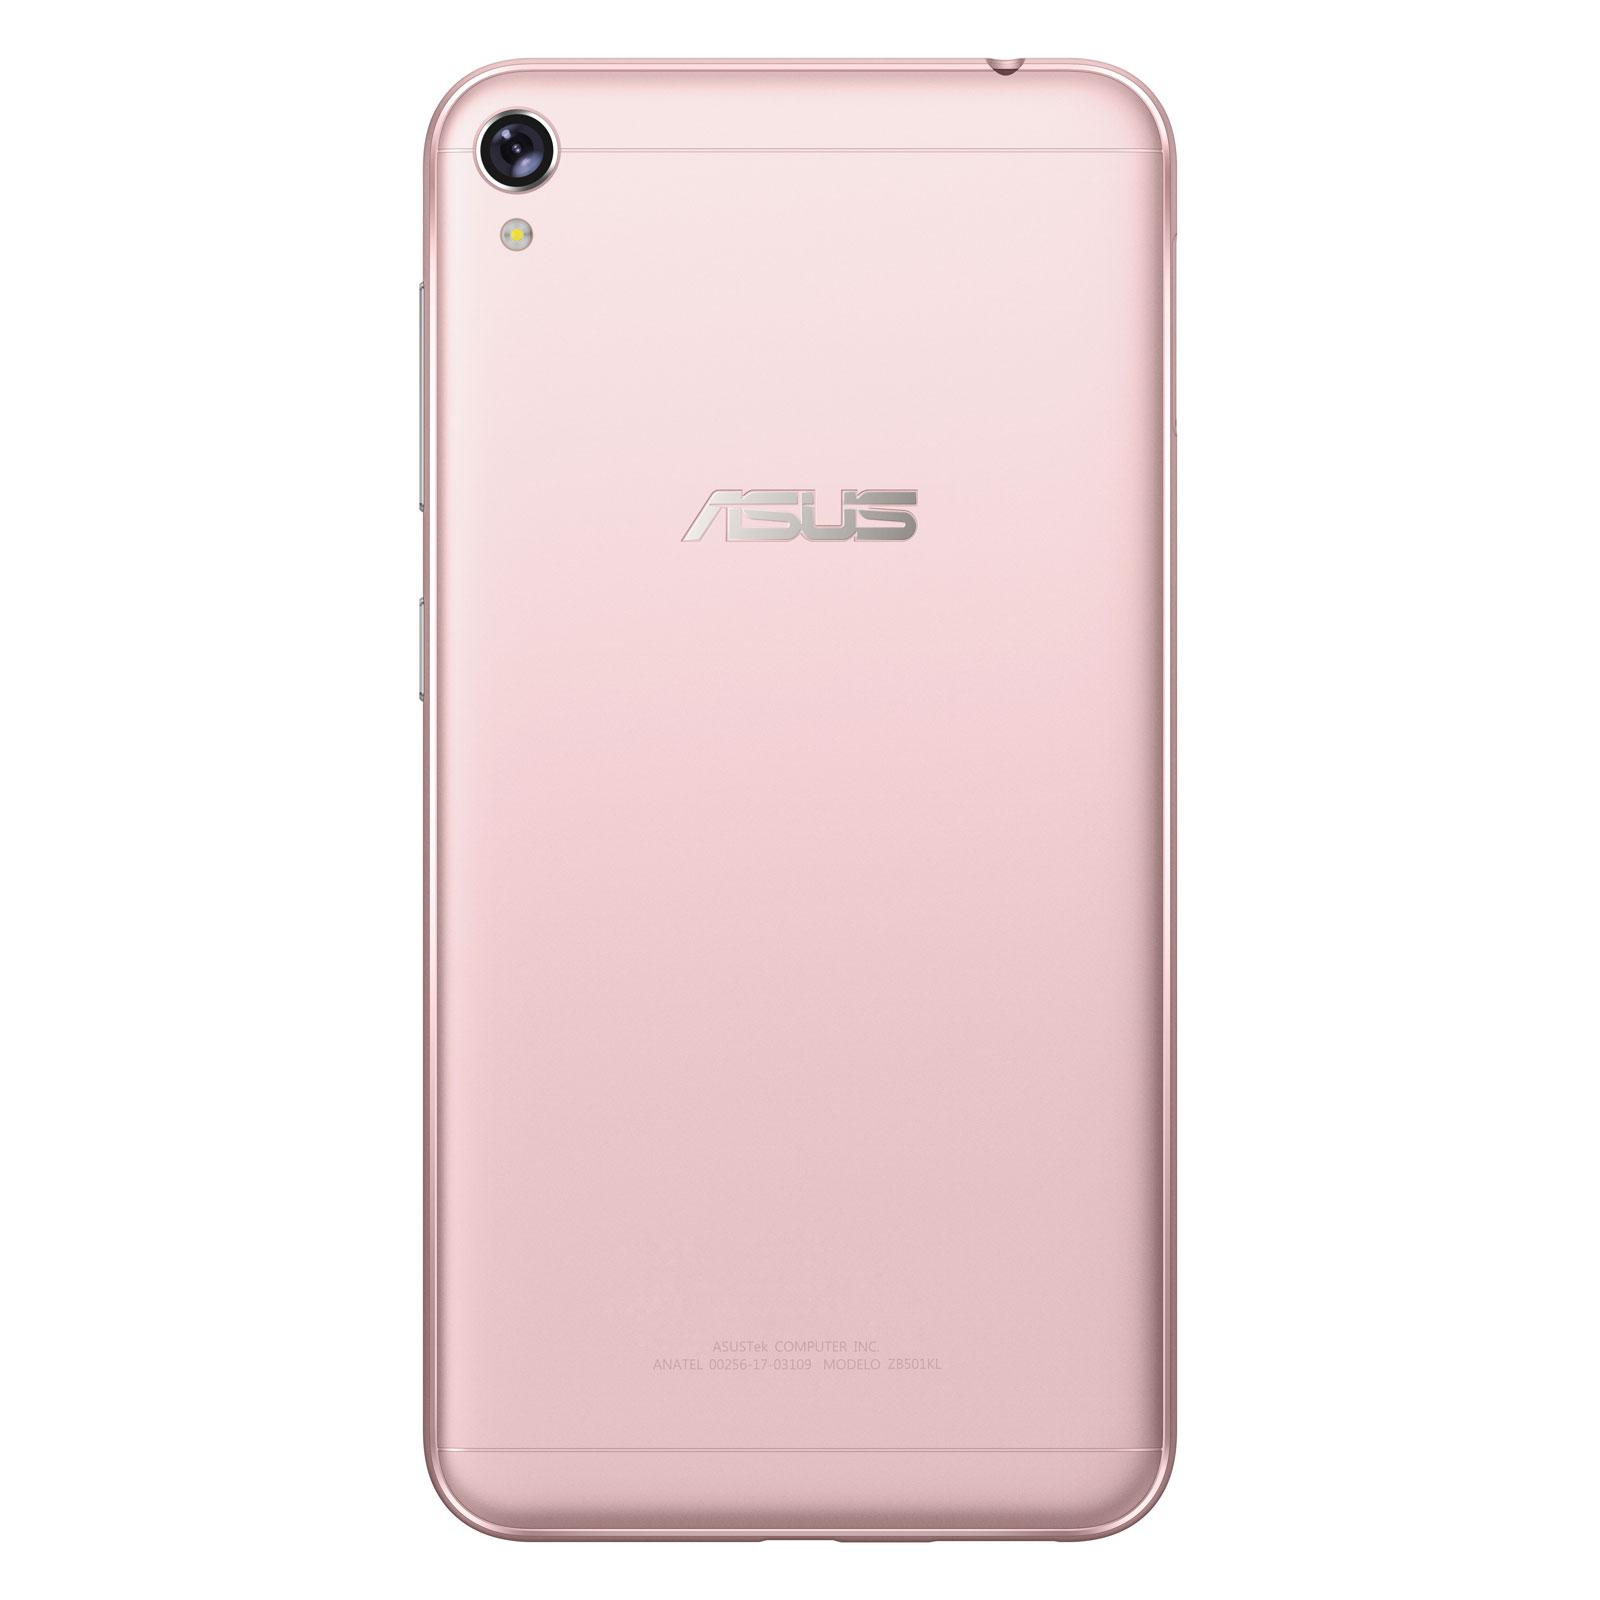 Asus ZenFone Live ZB501KL Pink 16Go - Téléphonie Asus - 2